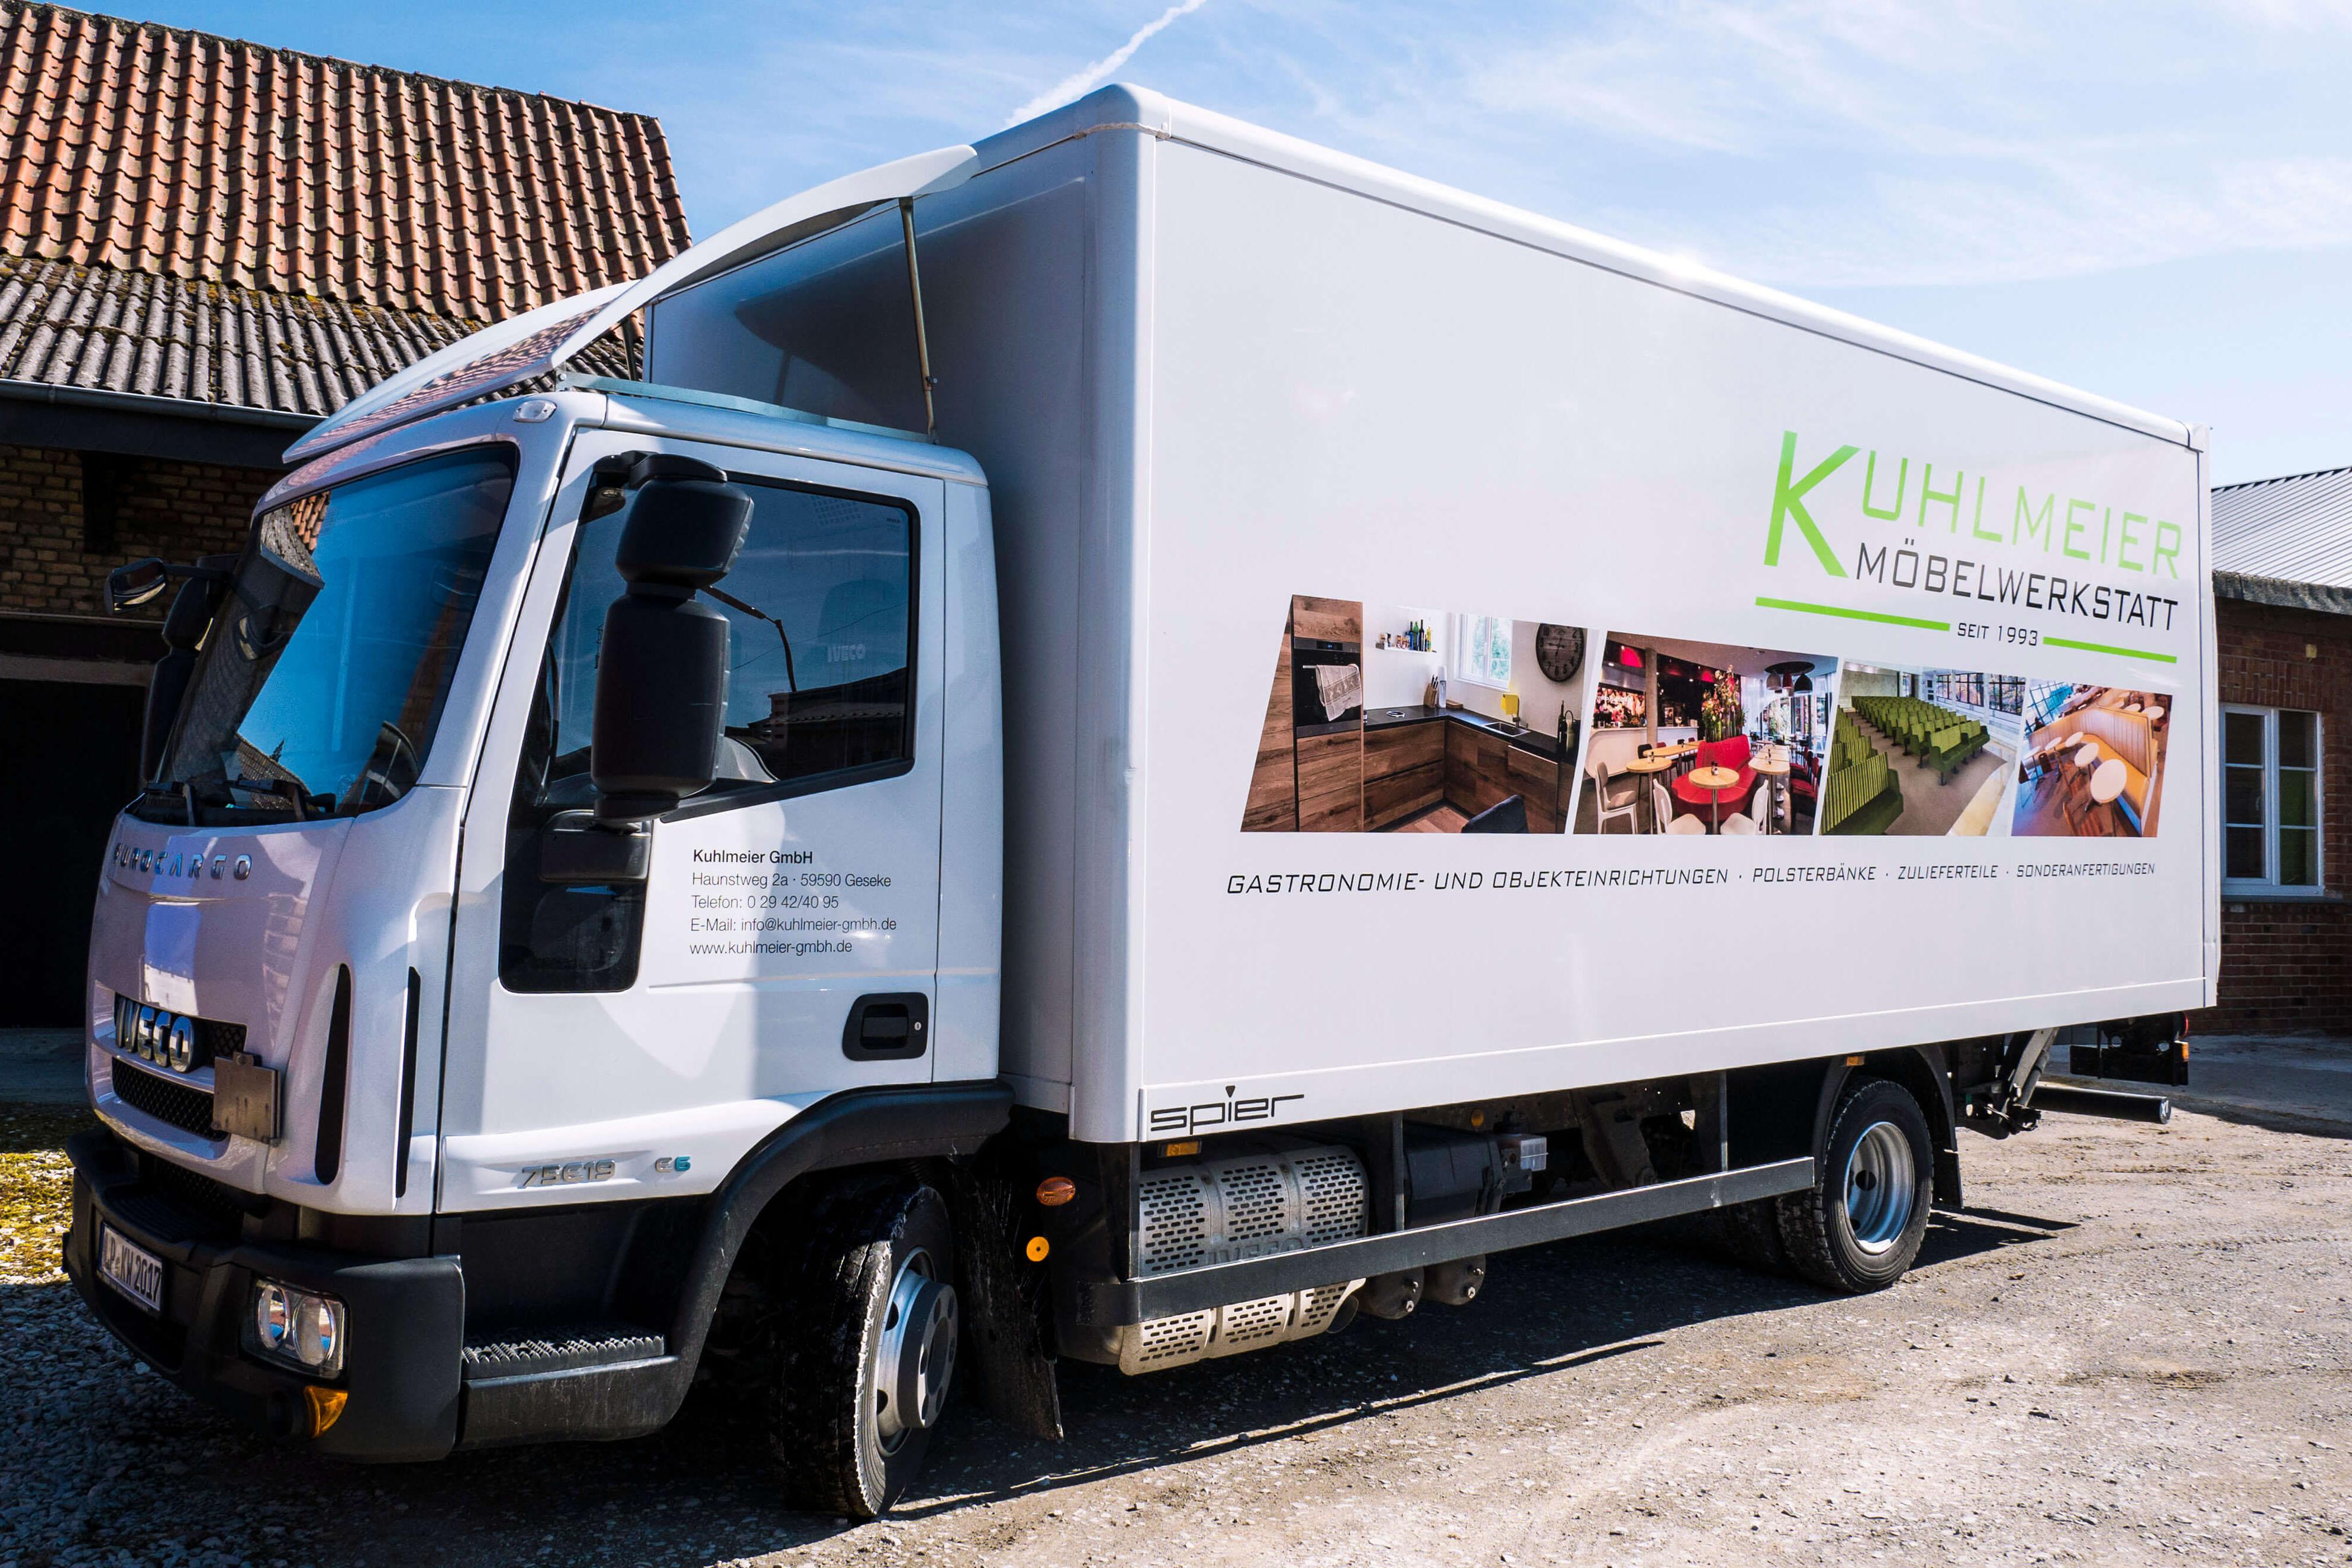 LKW der Kuhlmeier GmbH